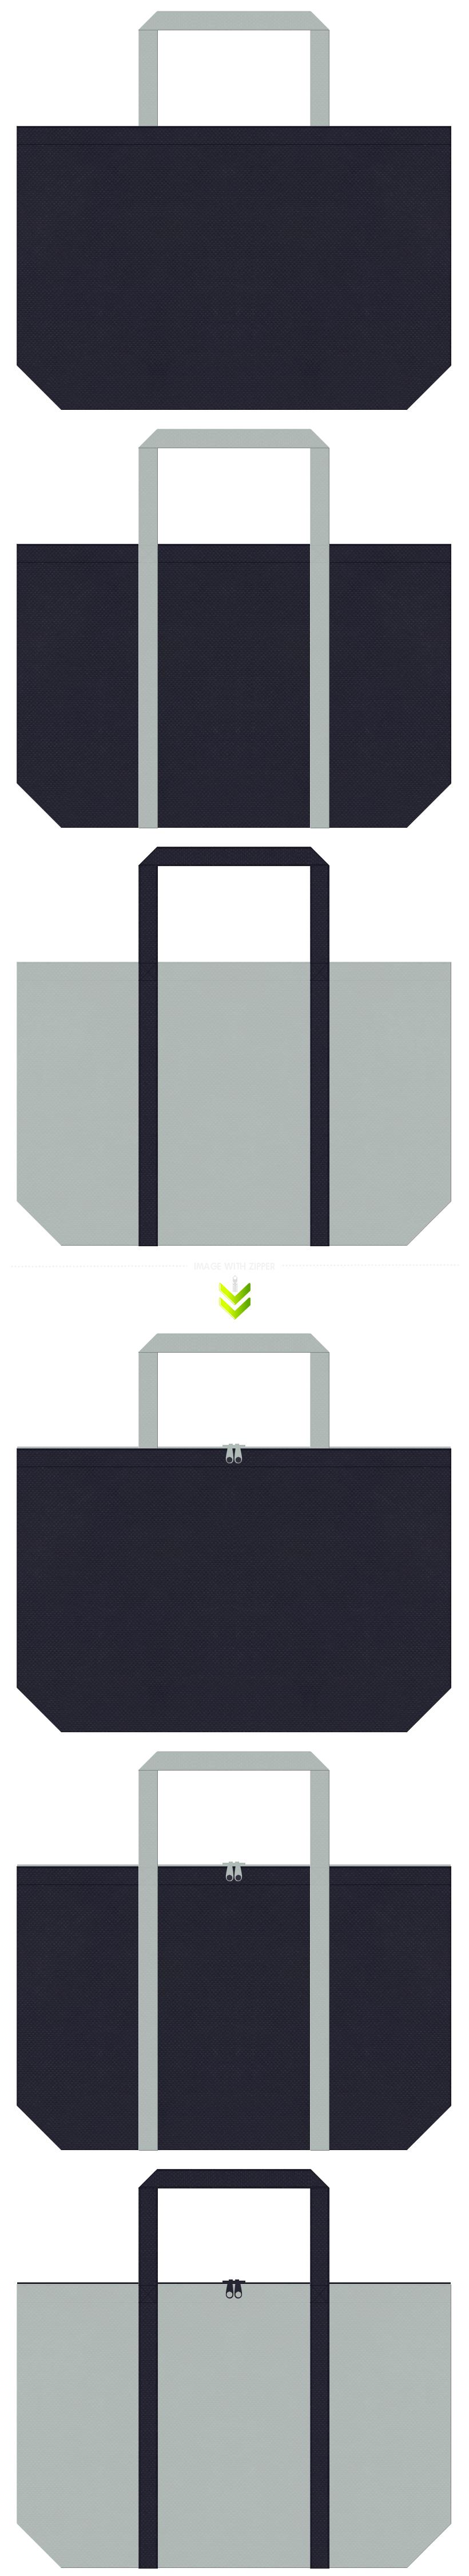 濃紺色とグレー色の不織布バッグデザイン。乾燥機イメージのグレーとの組み合わせで、ランドリーバッグにお奨めの配色です。